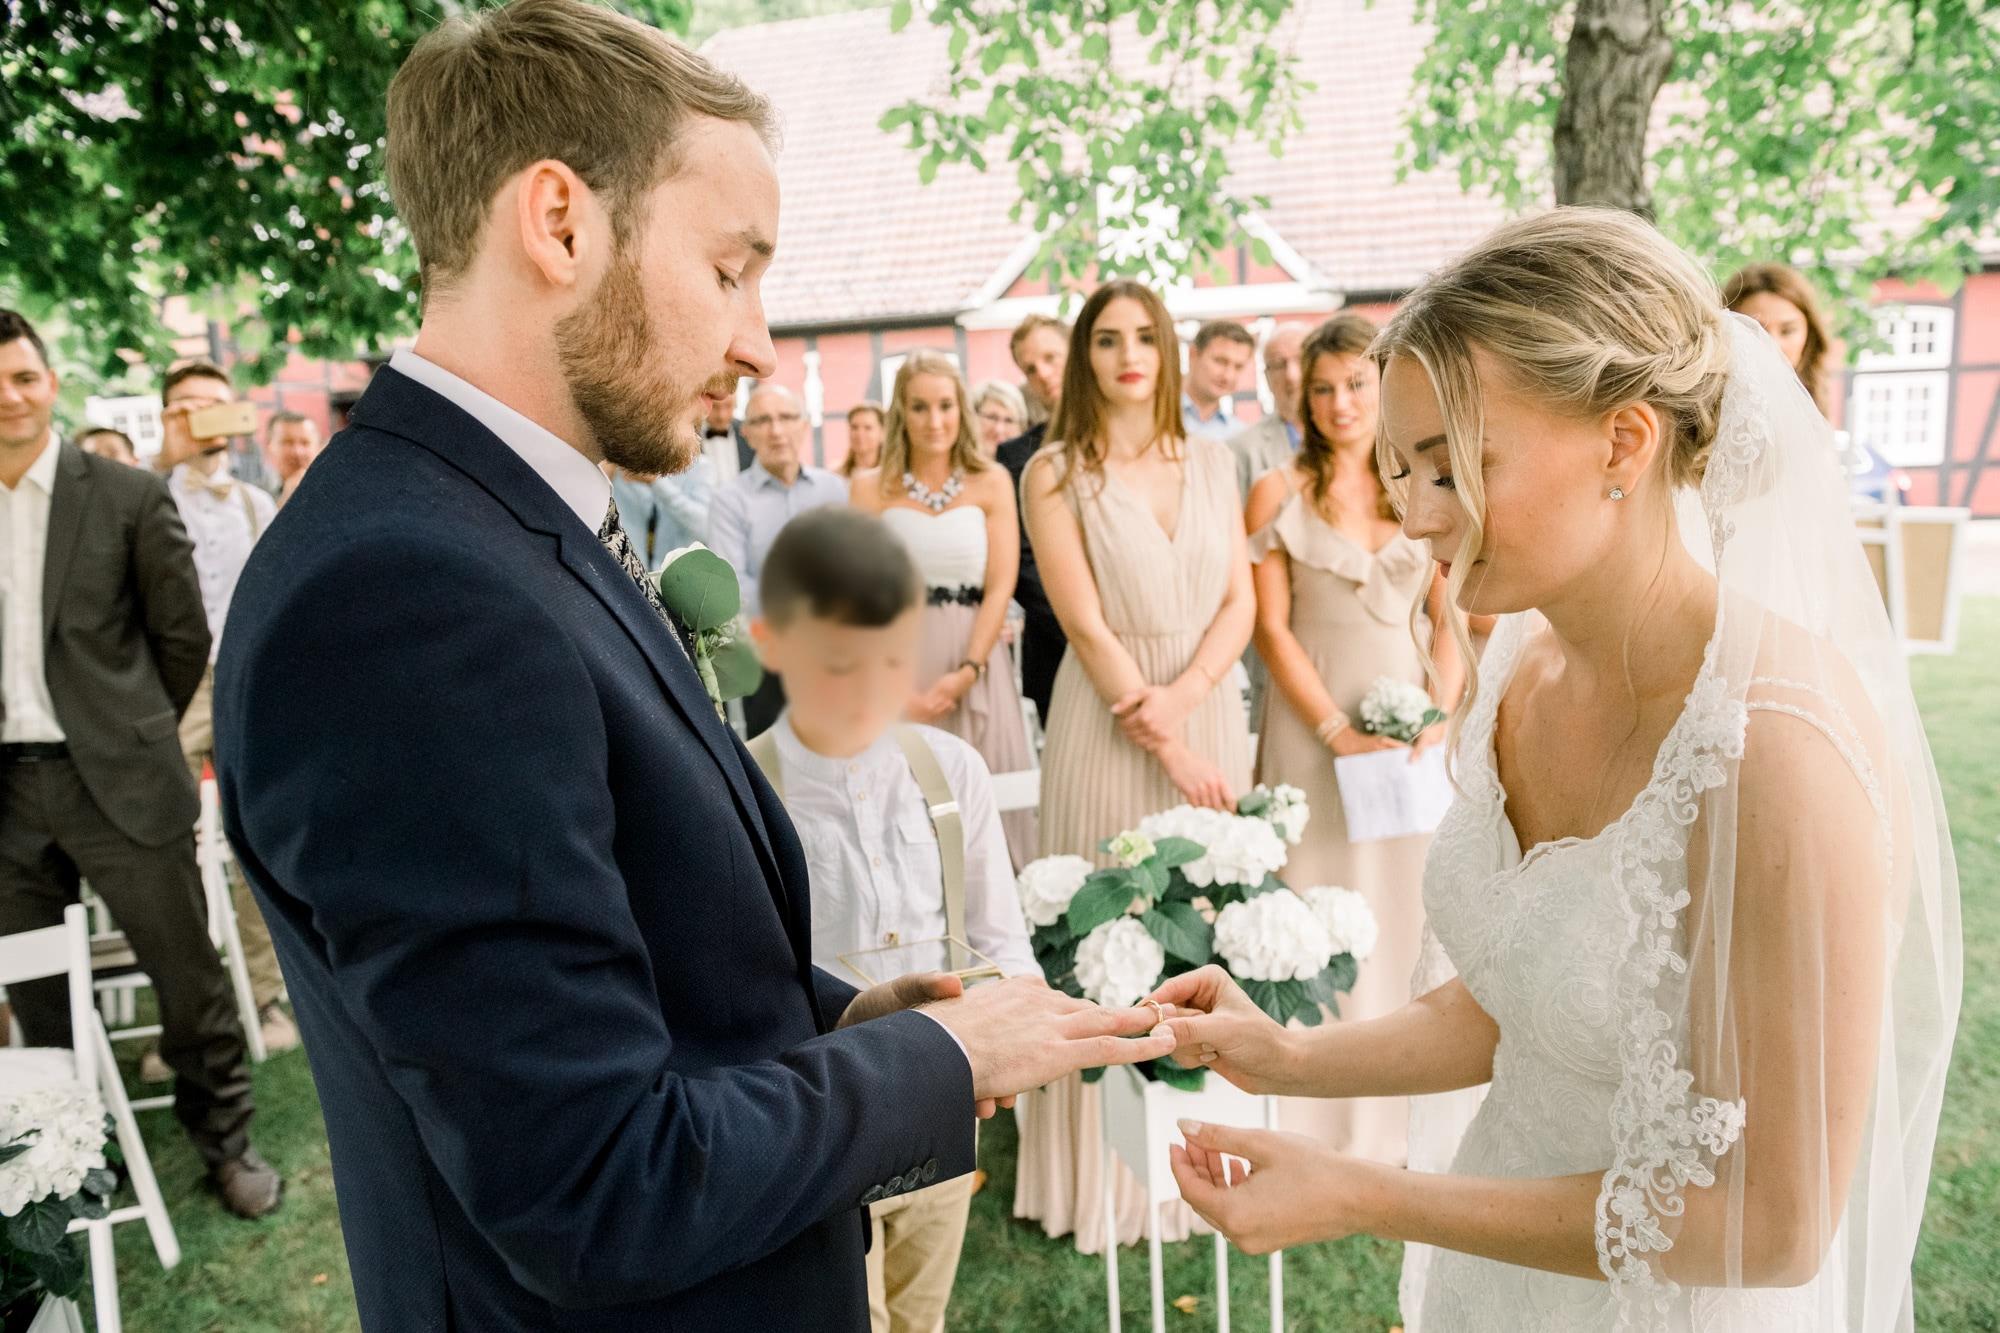 Hochzeitsfotograf-41.jpg